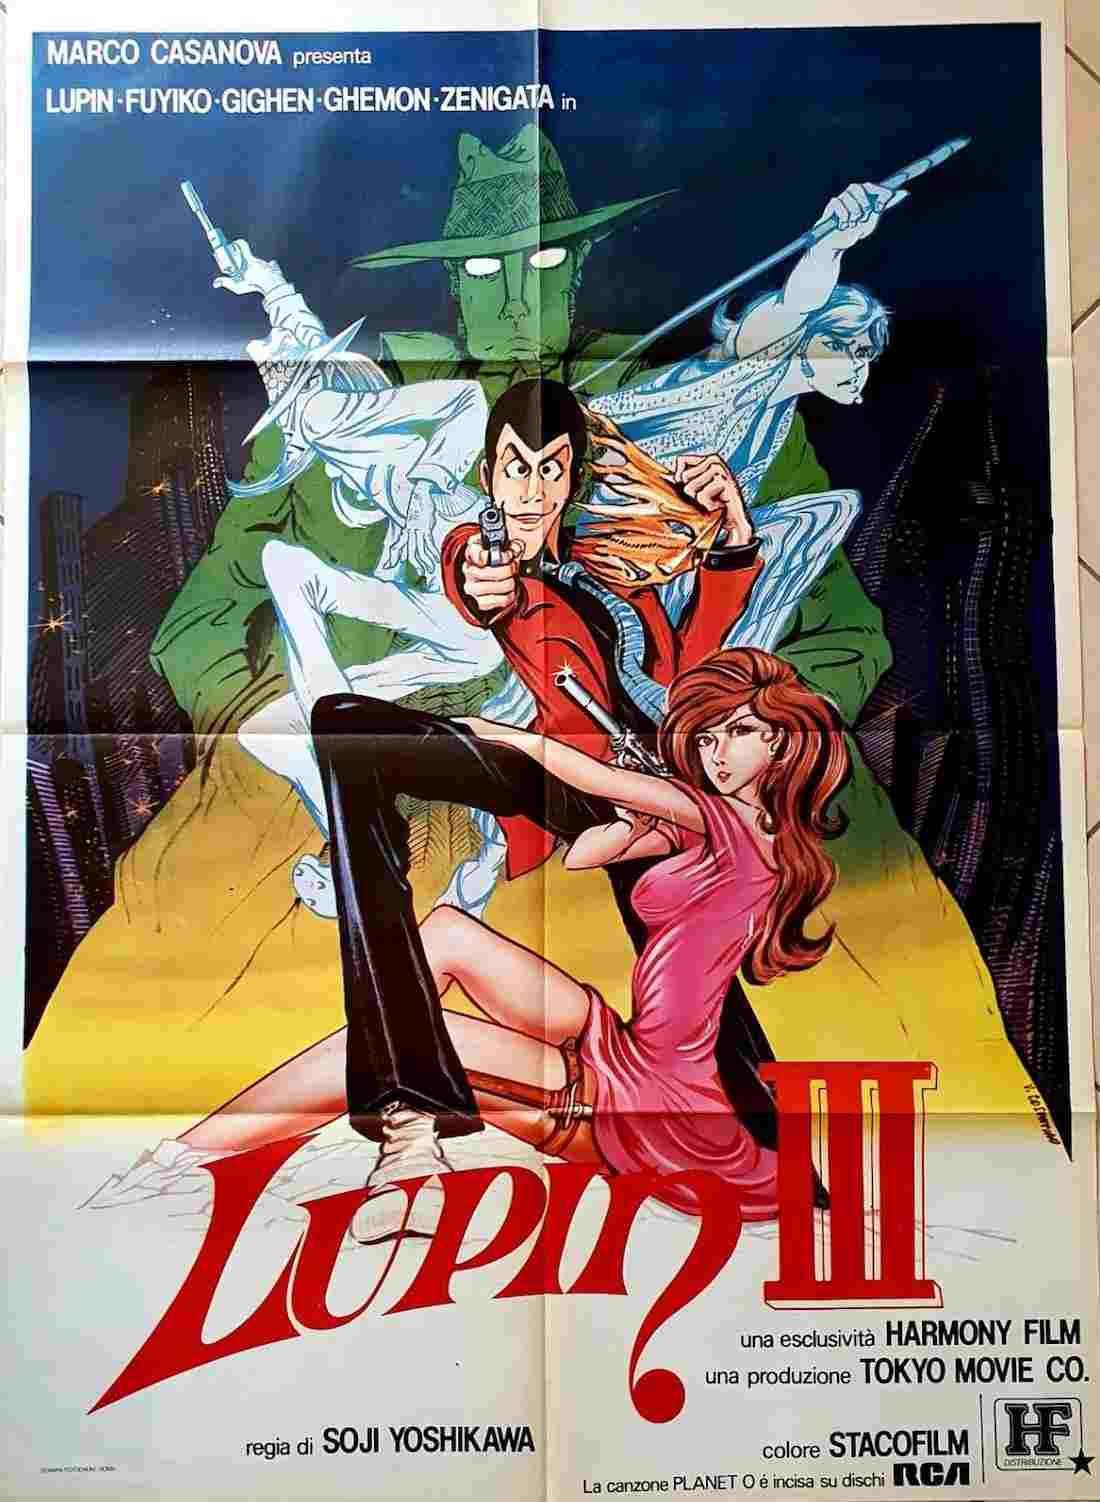 manifesto Lupin III